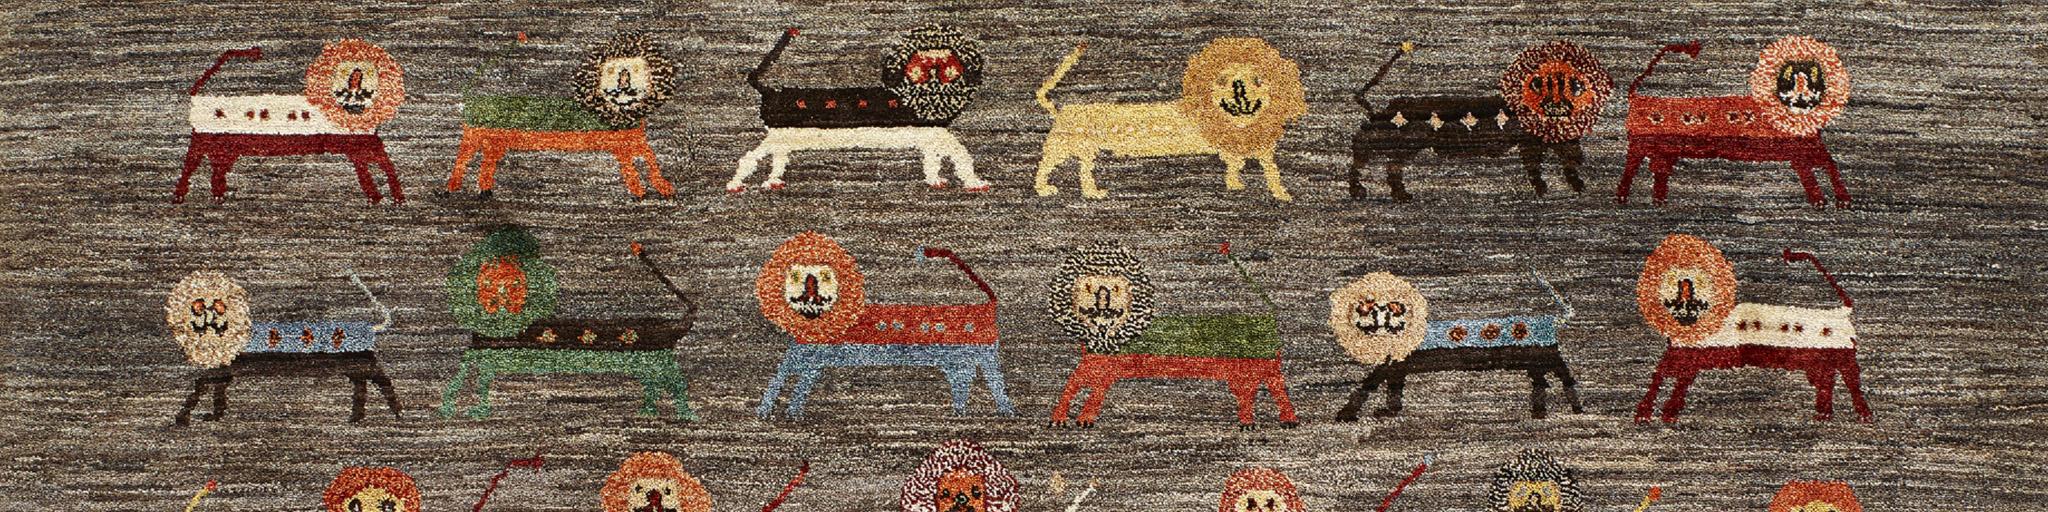 Iranian Carpet Embargo - The End!